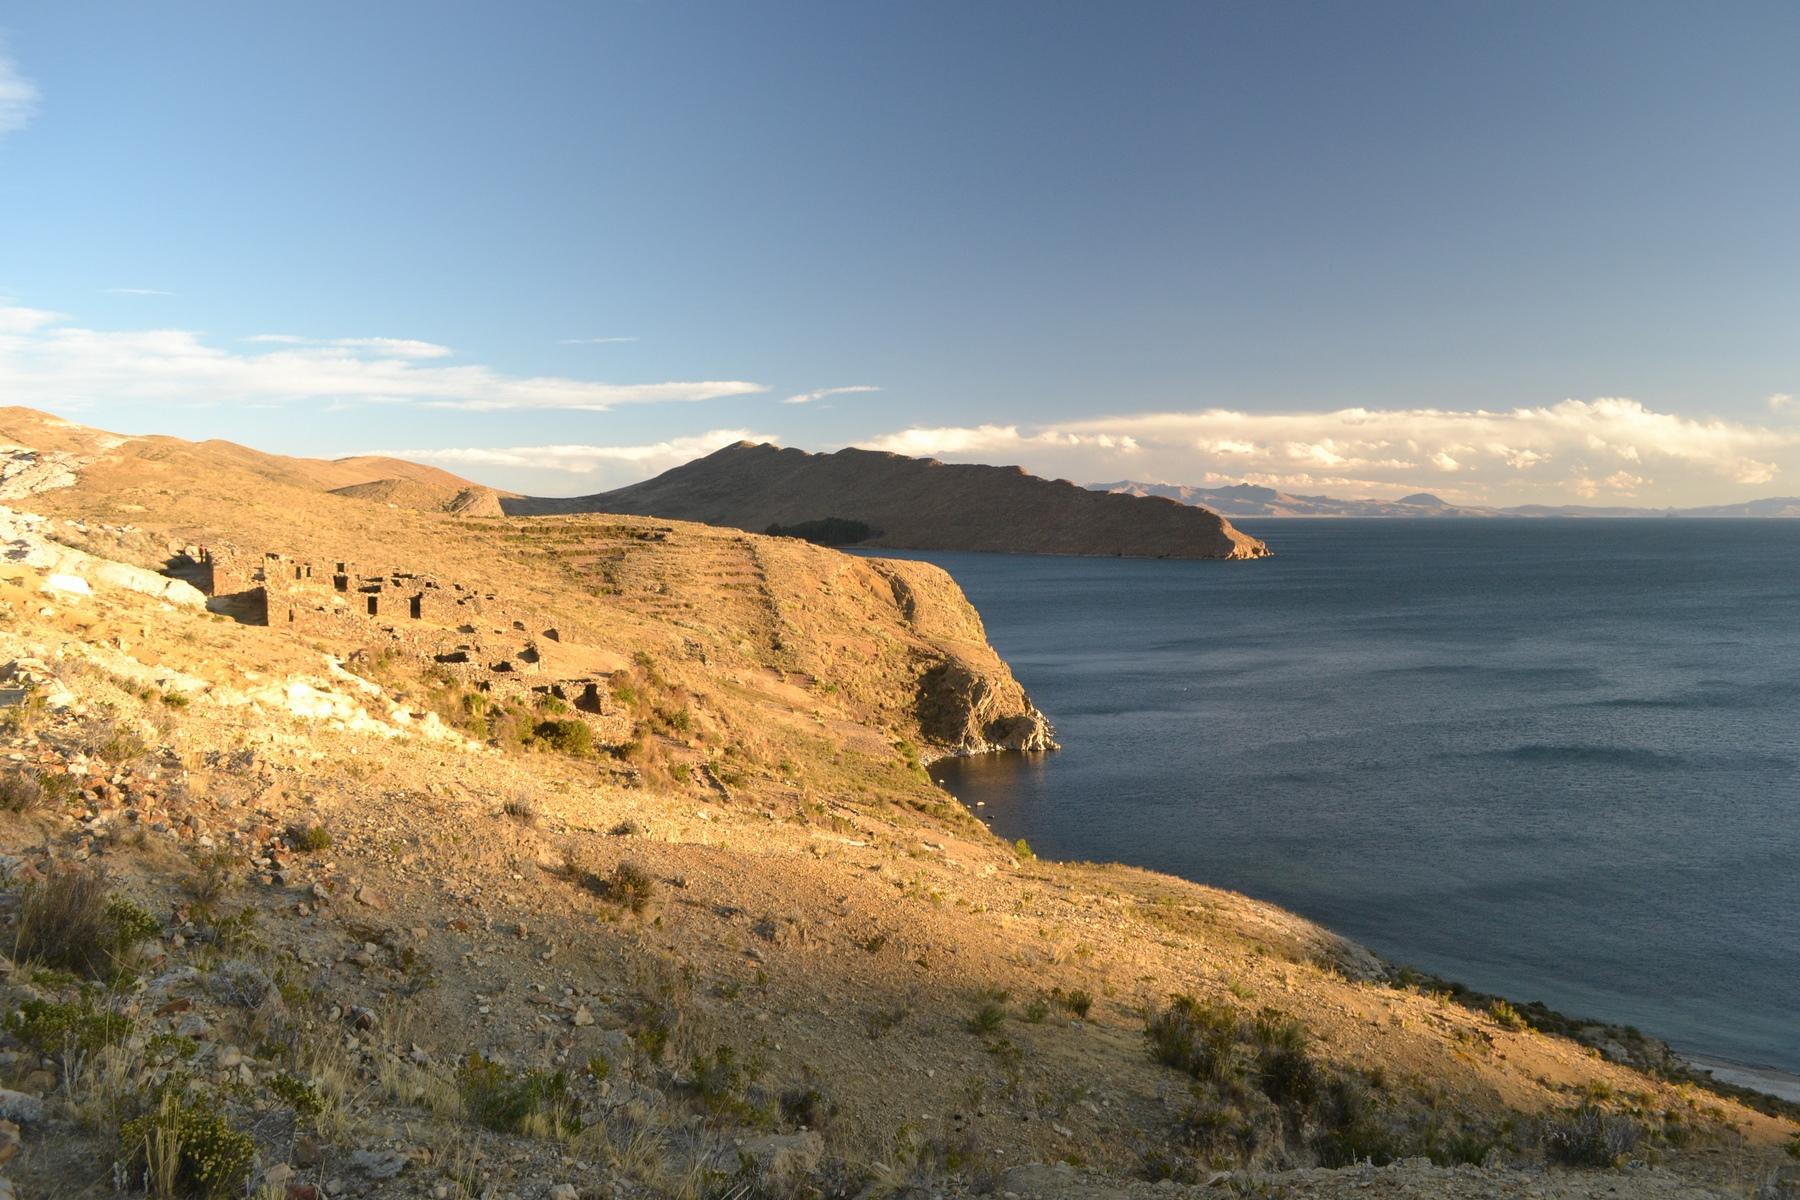 la-paz-titicaca-coroico27